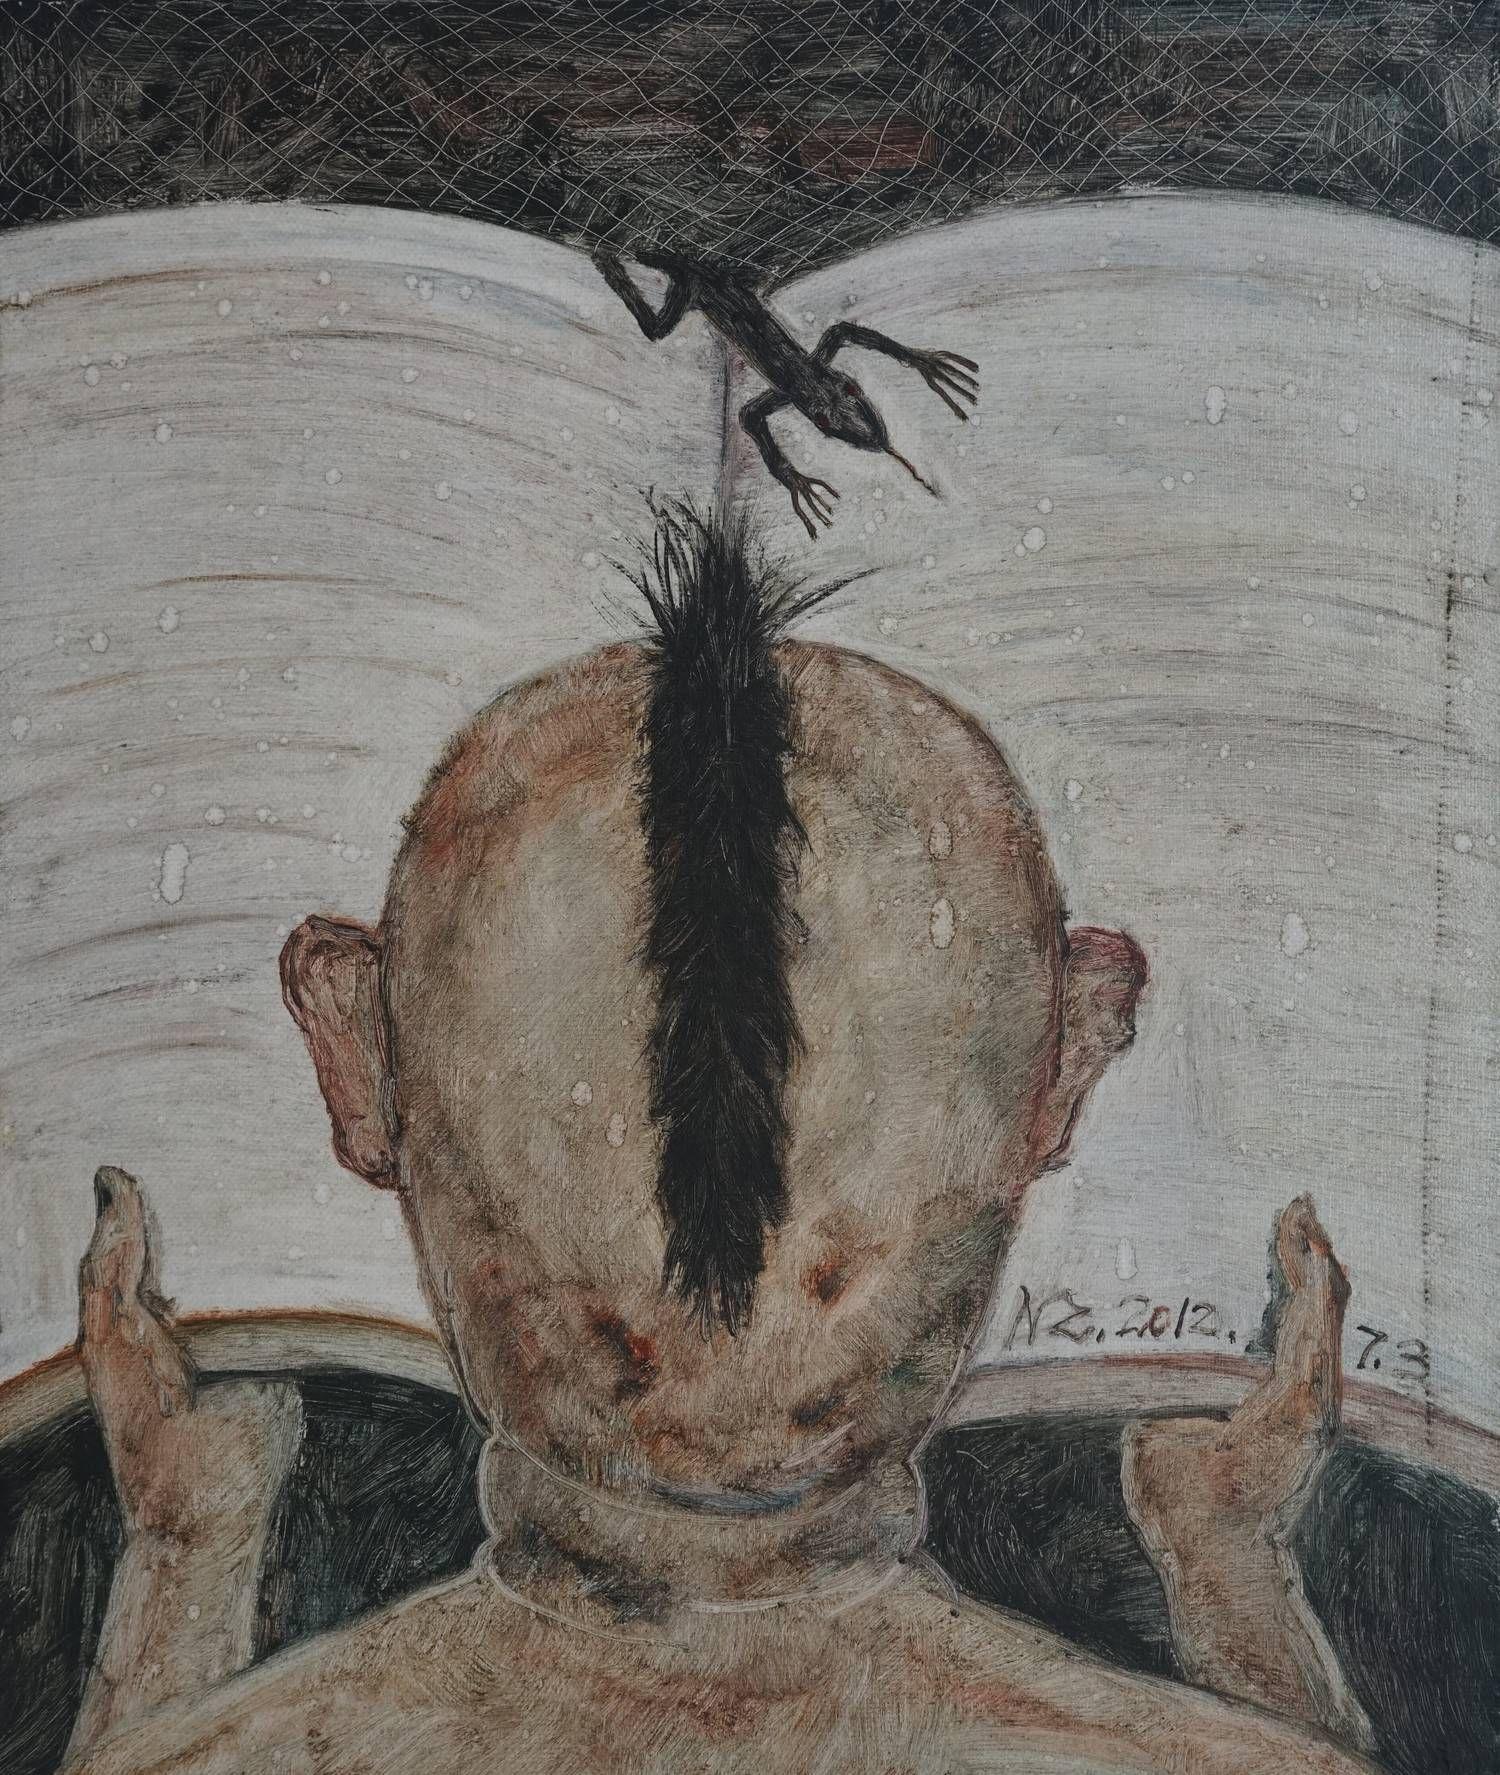 四川美术学院毕业生聂力早期的油画作品,不知道你能不能看懂